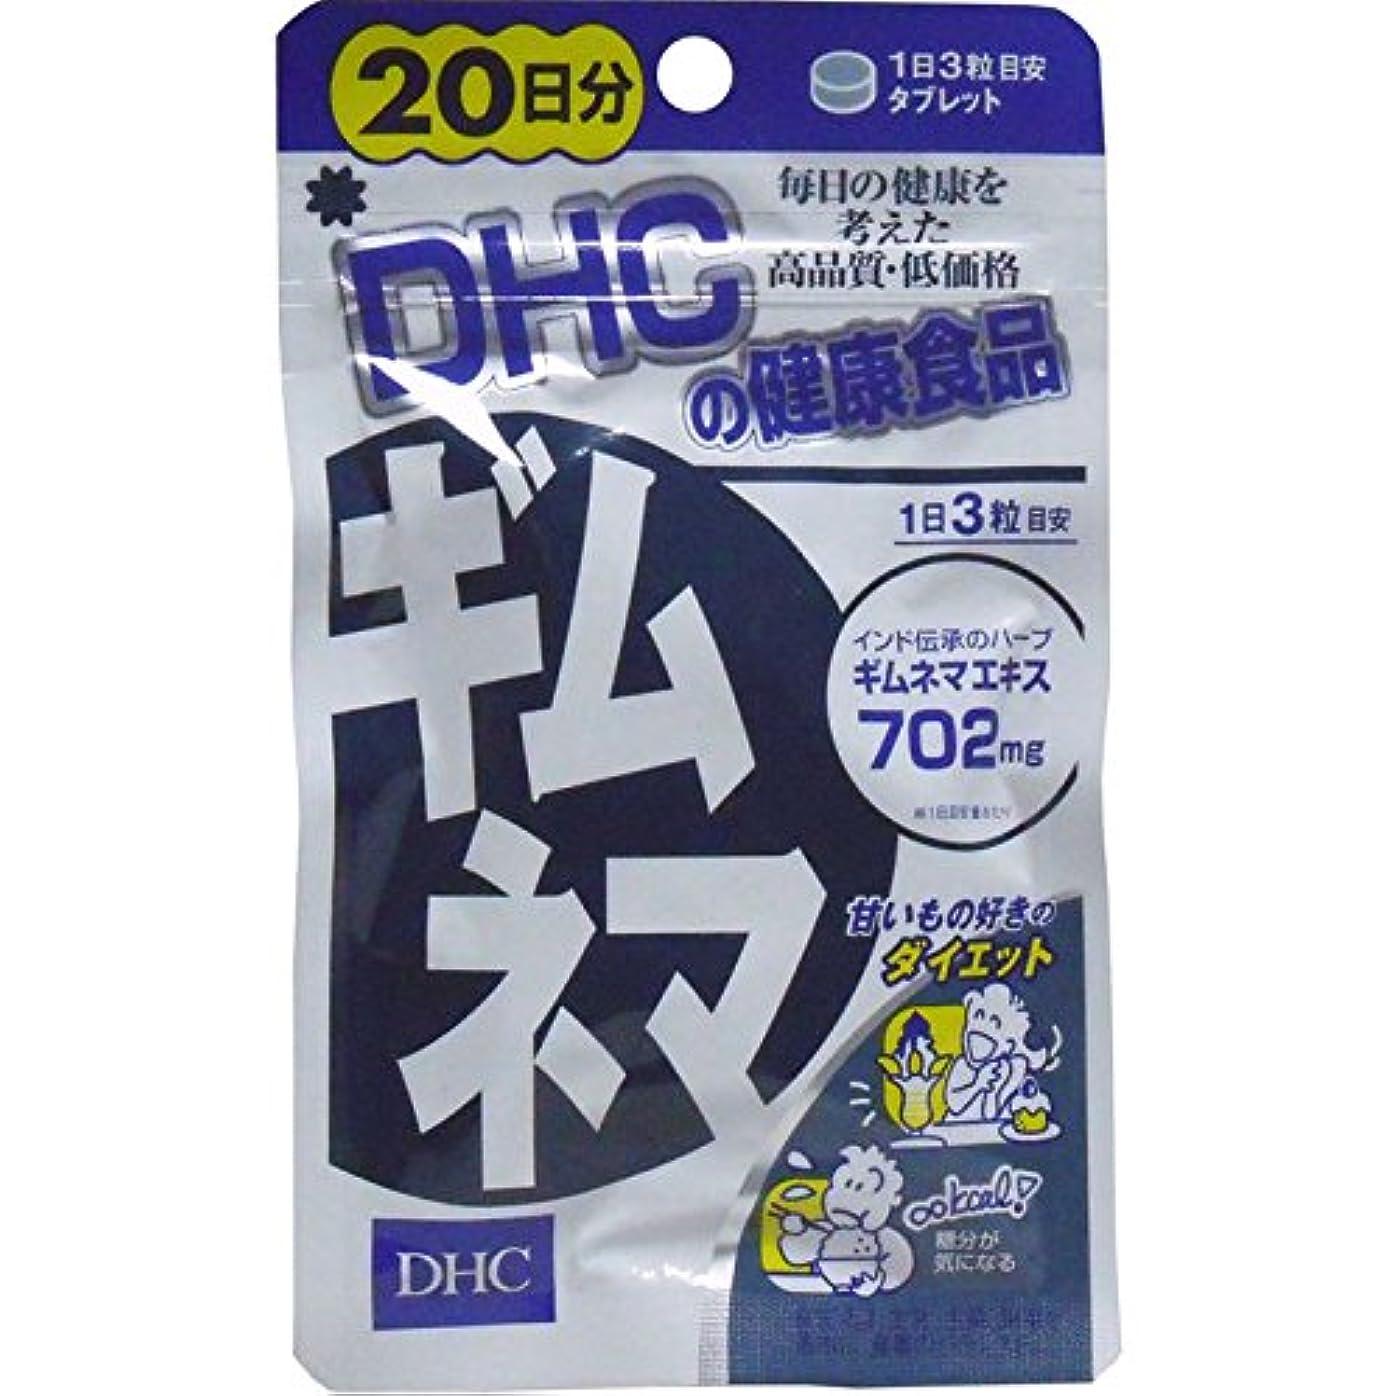 航空機出撃者カレッジダイエット 美容 健康 糖分や炭水化物を多く摂る人に 人気商品 DHC ギムネマ 20日分 60粒【5個セット】